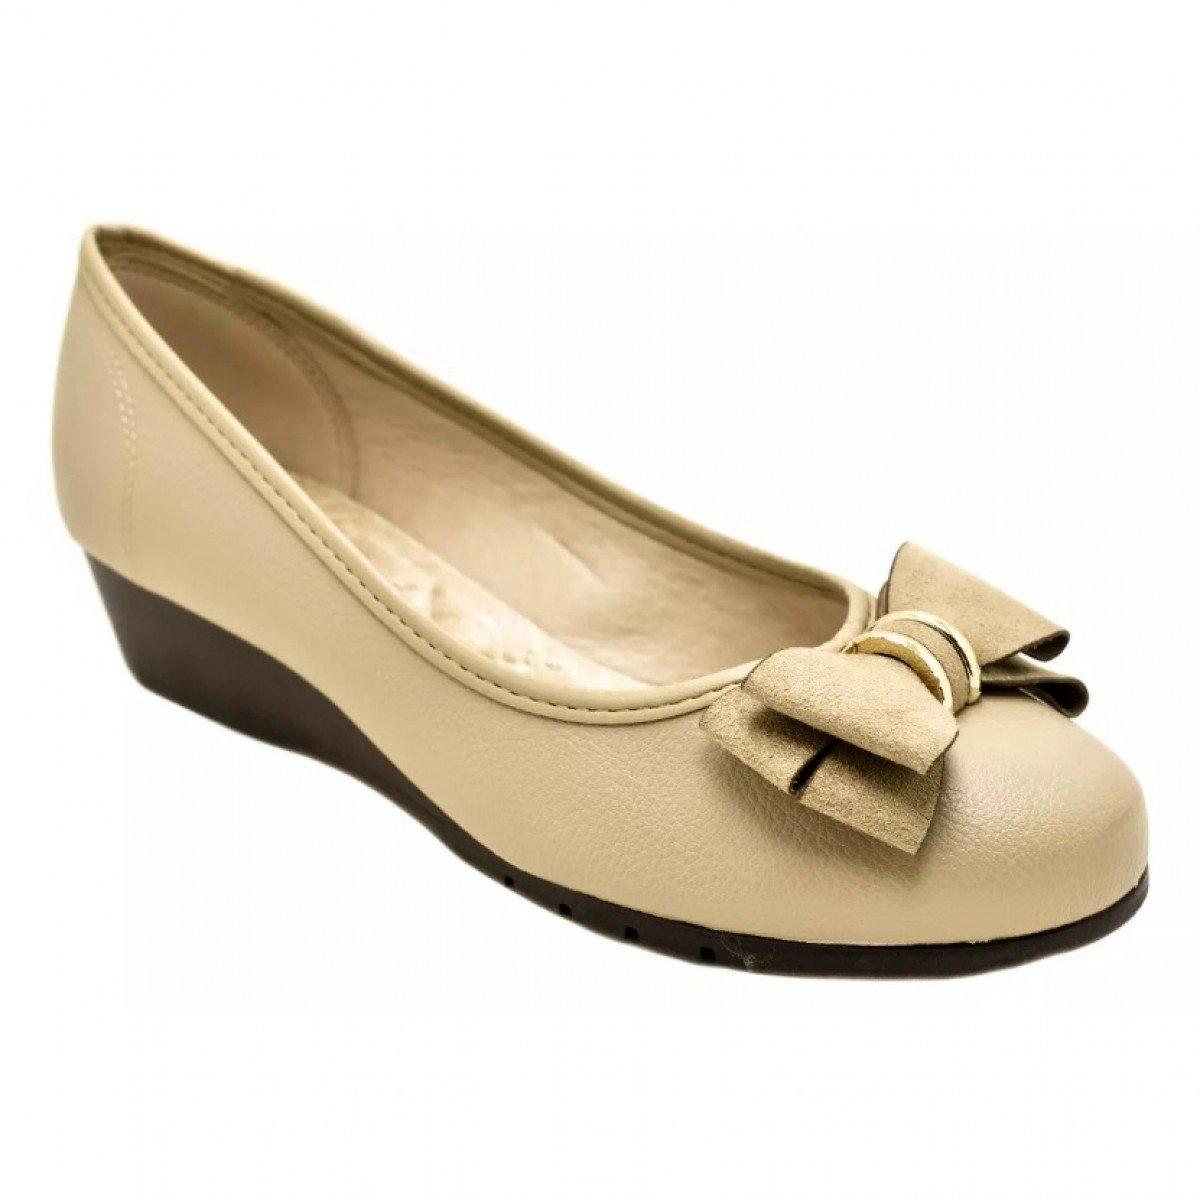 9c2866ef3d Sapato Feminino Moleca Anabela Baixo Napa - Compre Agora